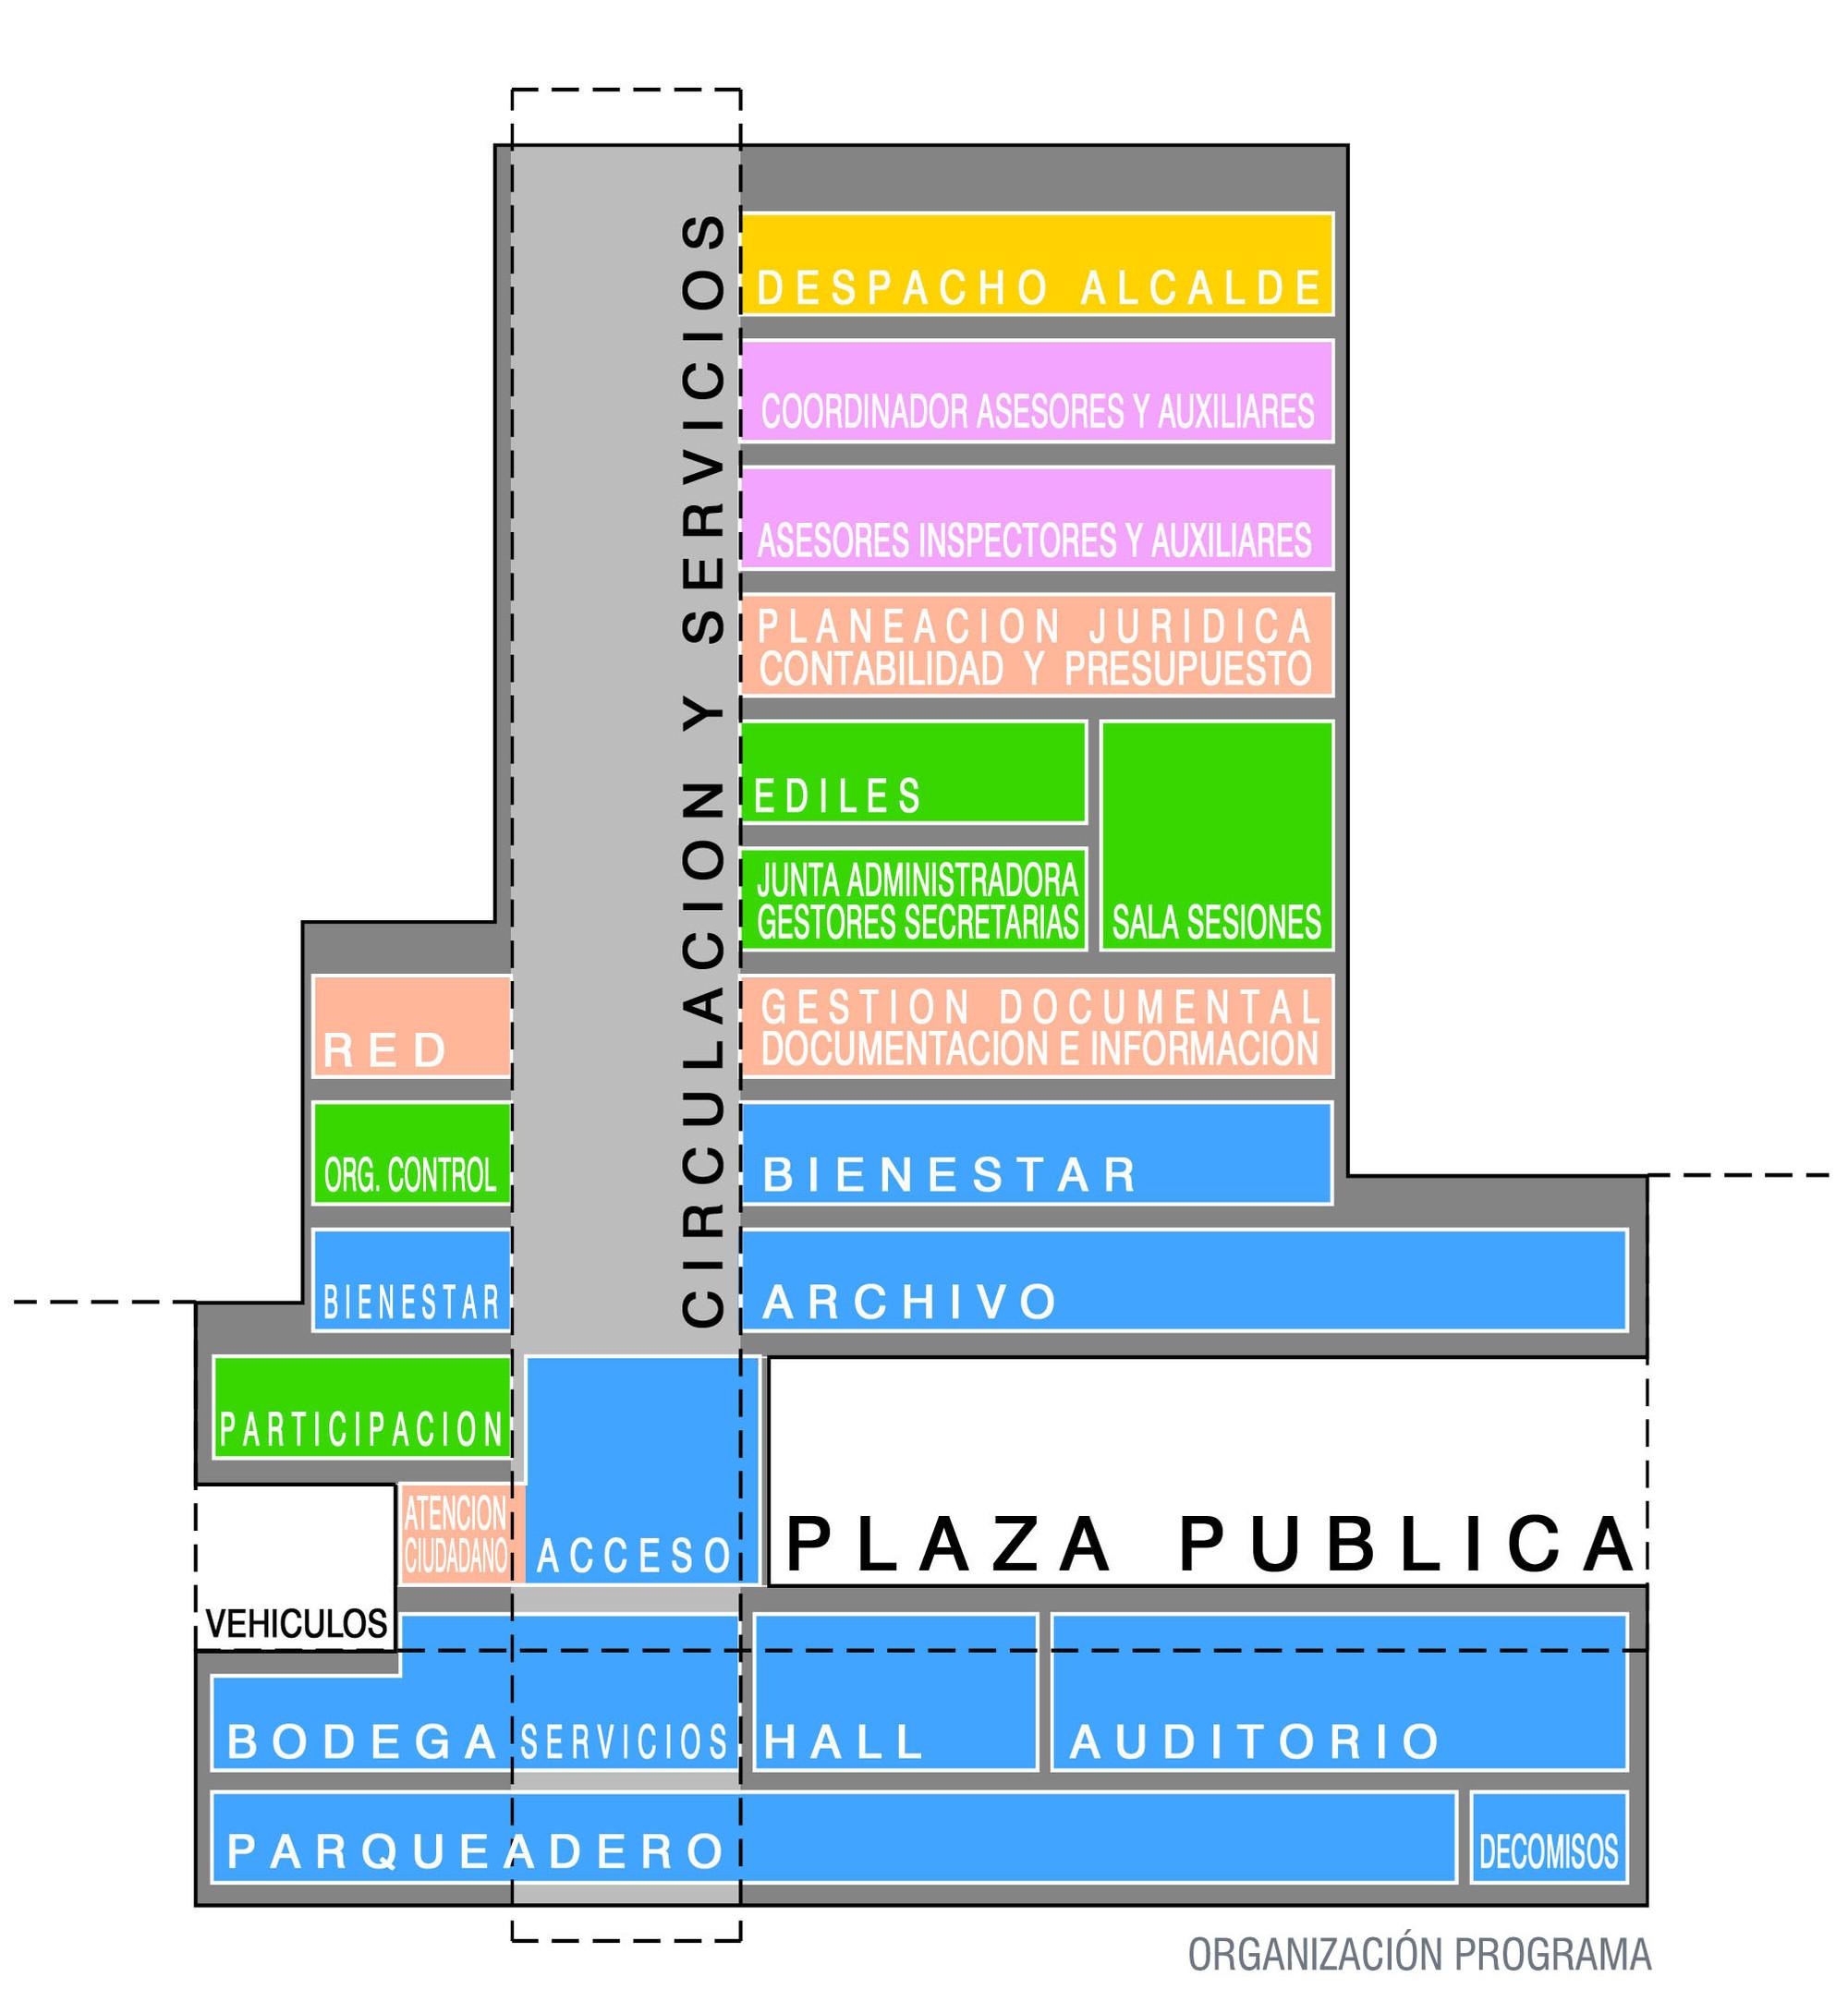 Programa. Image Courtesy of Equipo Segundo Lugar